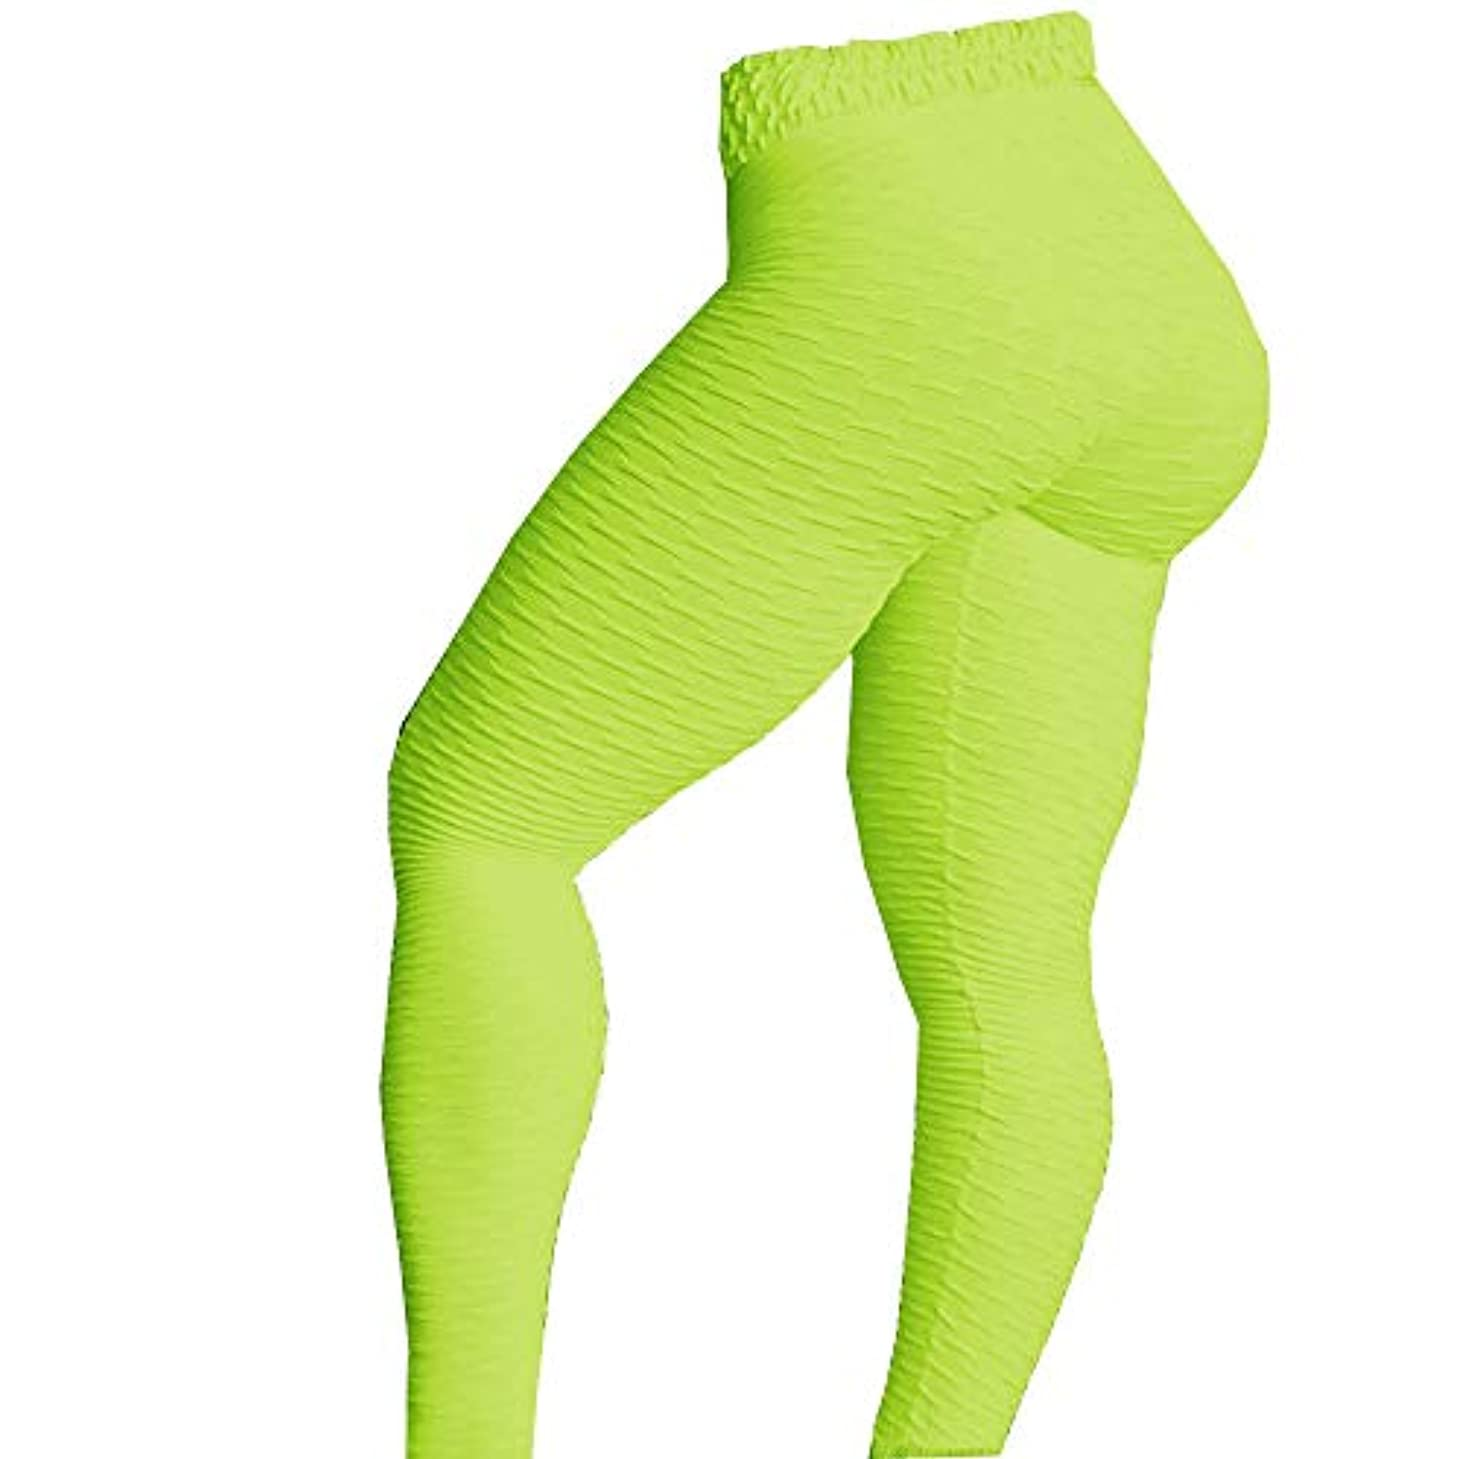 討論タイト読みやすさMIFAN パンツ女性、ハイウエストパンツ、スキニーパンツ、ヨガレギンス、女性のズボン、ランニングパンツ、スポーツウェア